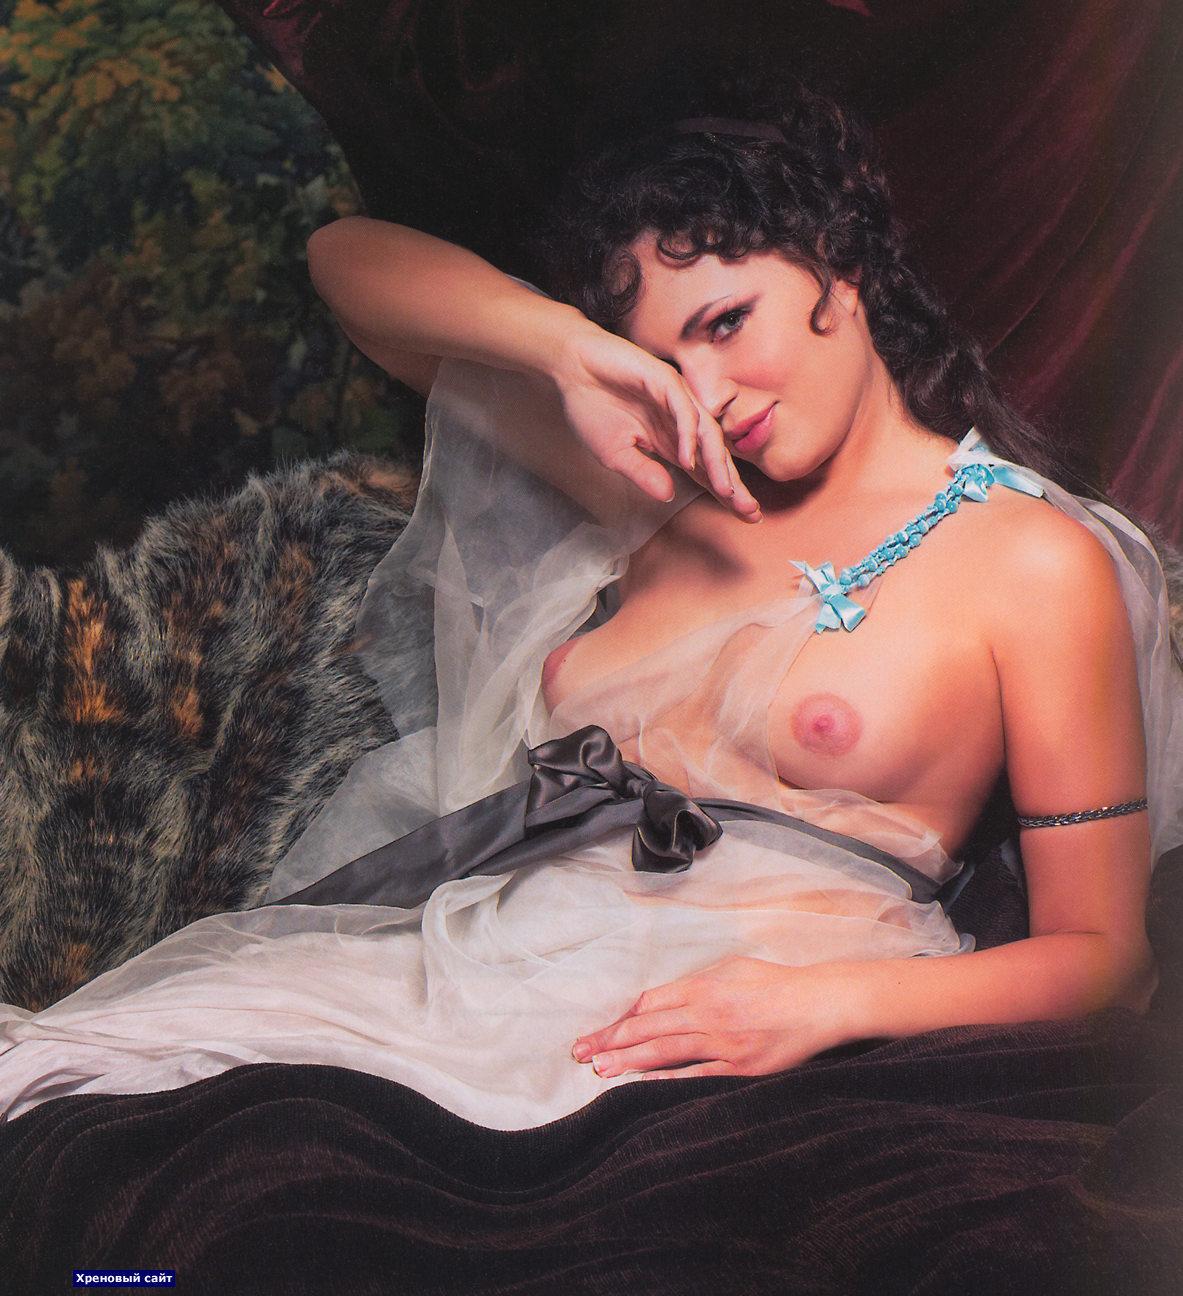 Пугачева секс фото 26 фотография